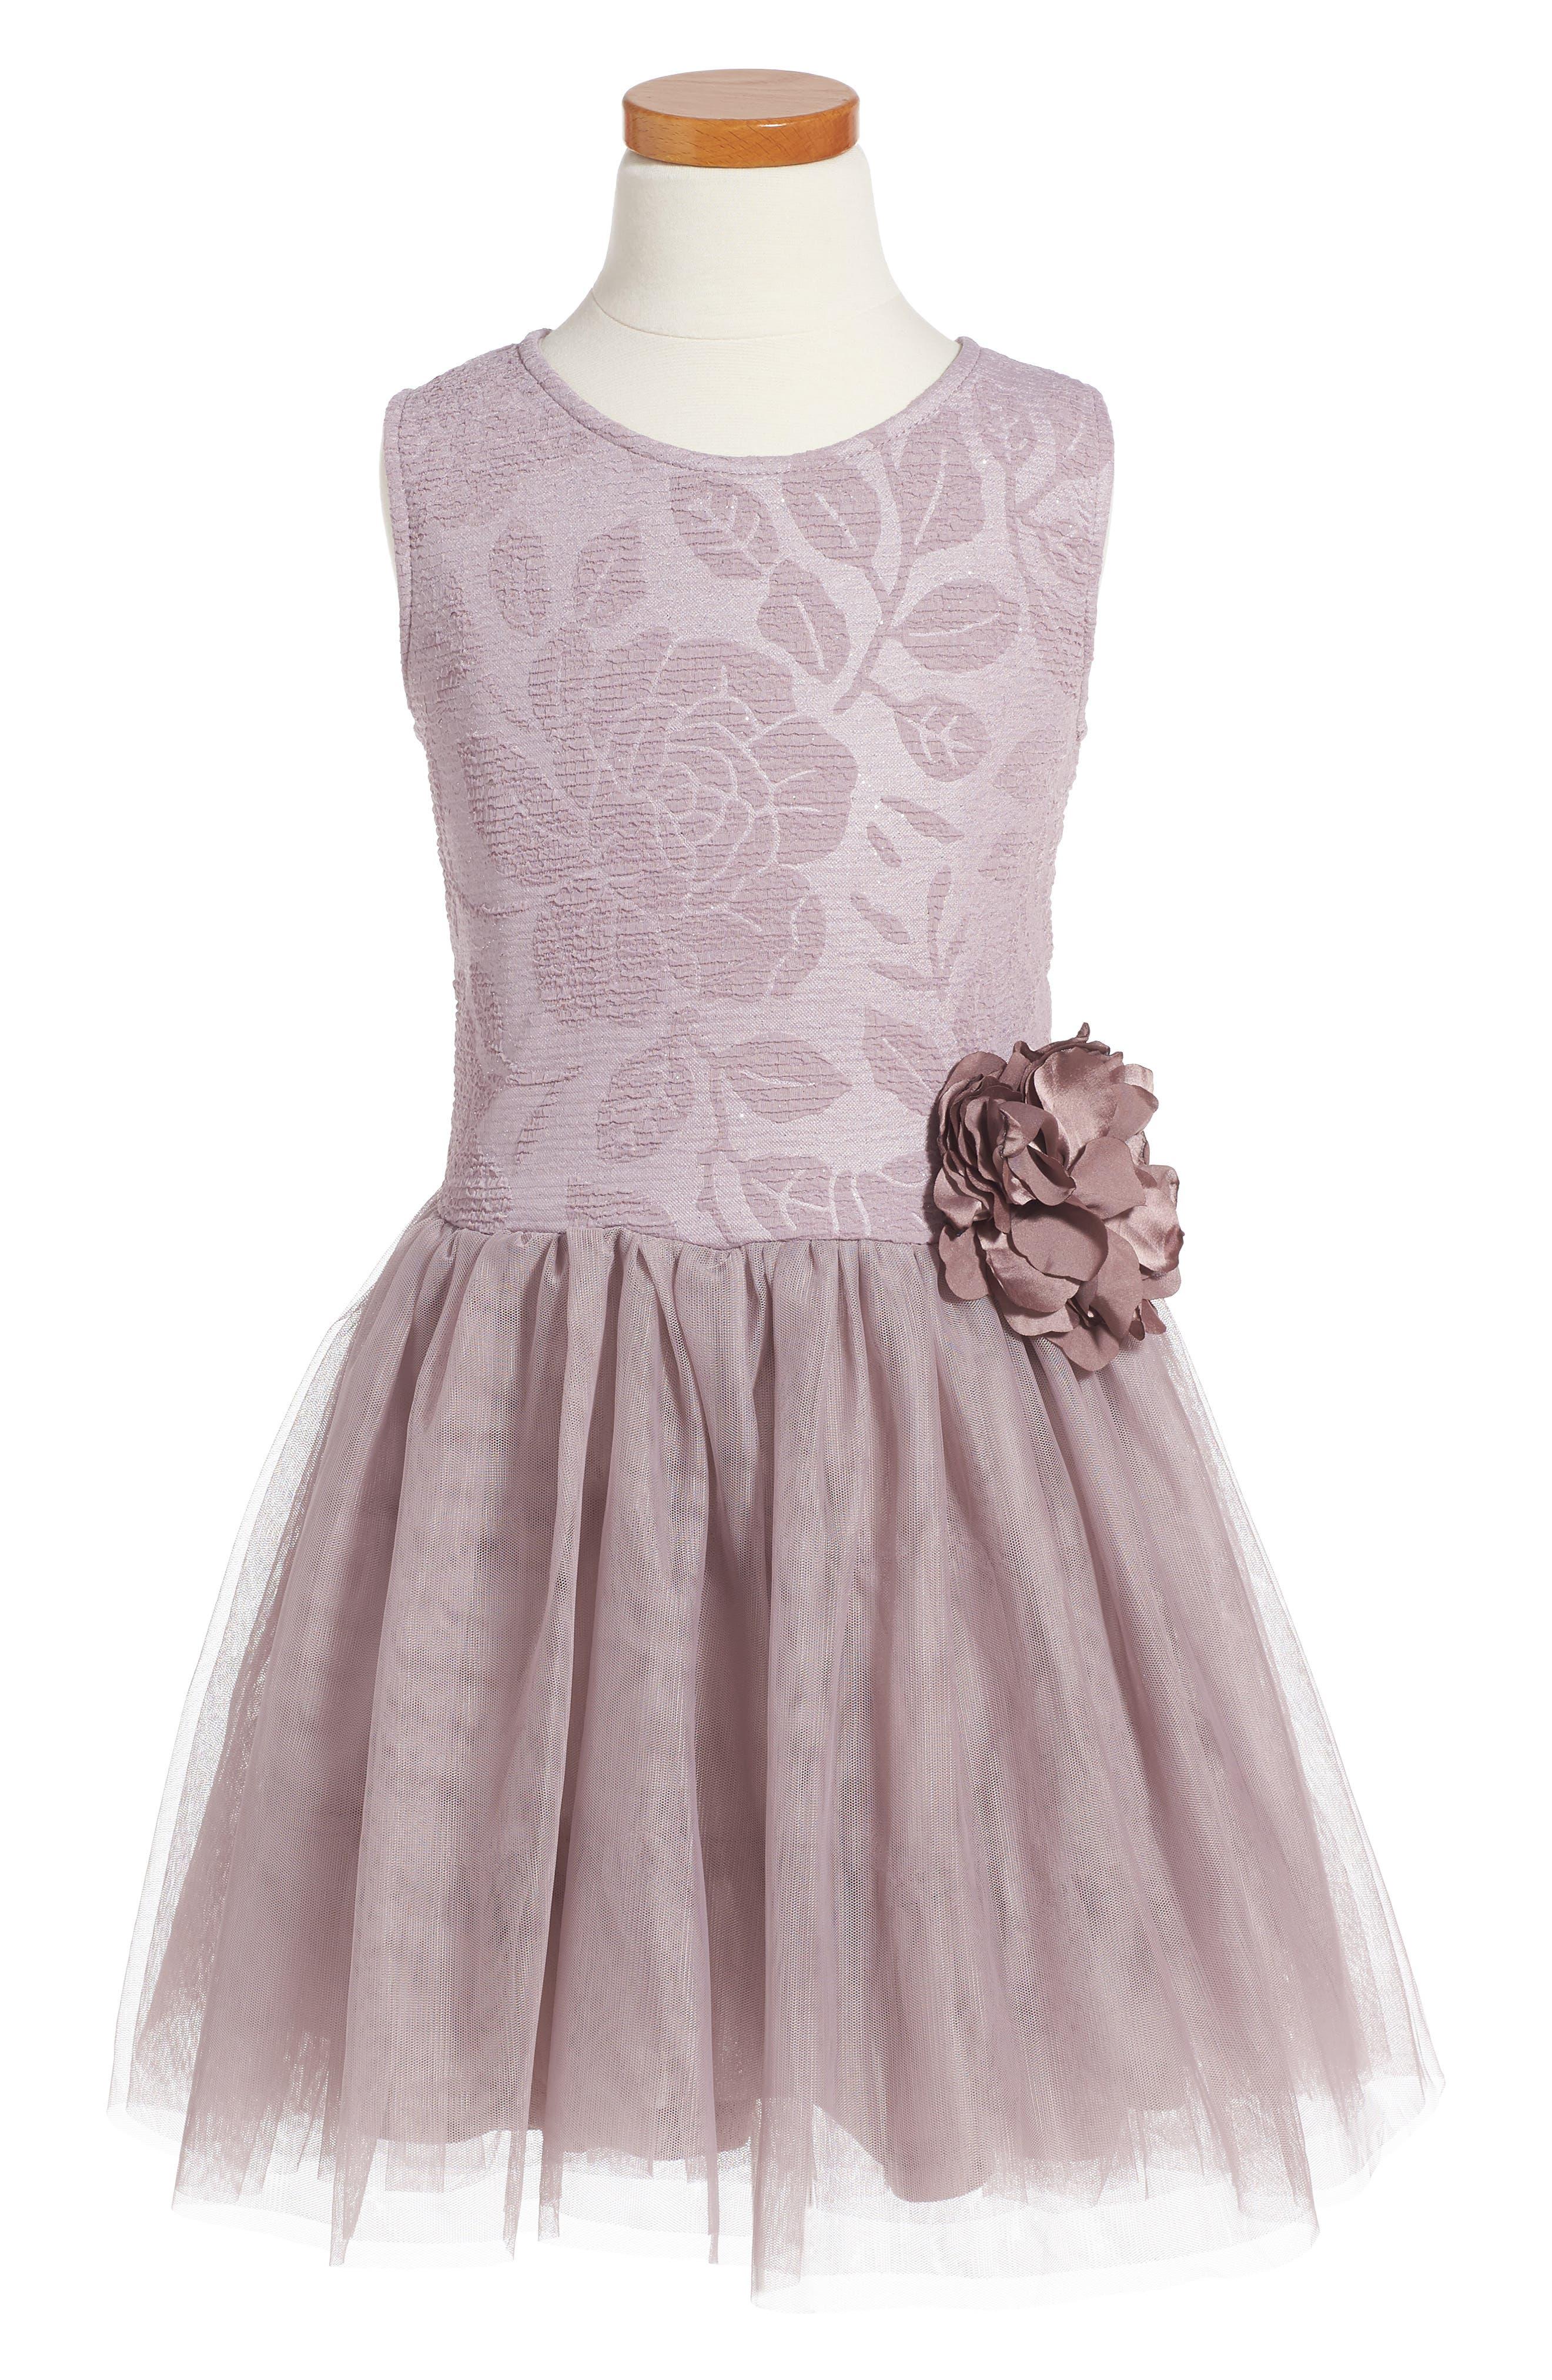 Embossed Rose Tutu Dress,                         Main,                         color, 690